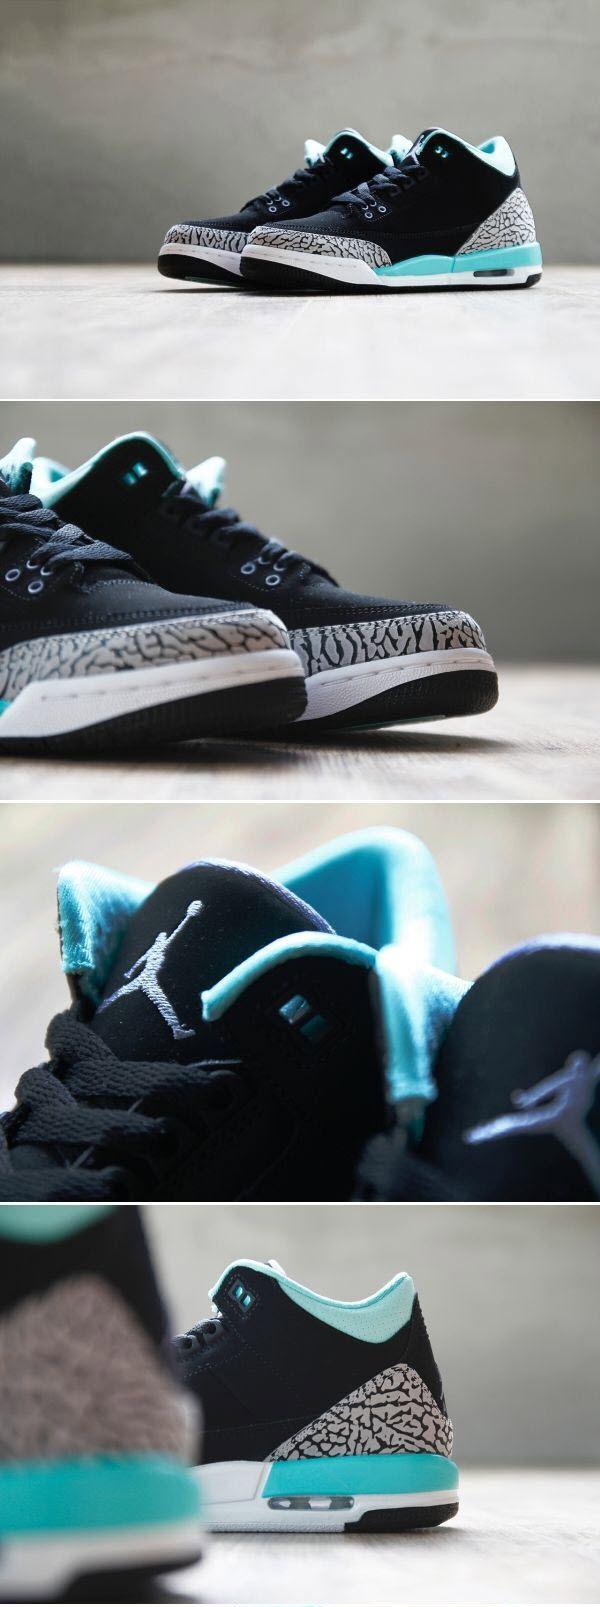 These Retro Air Jordan Shoes (Jordan Air Penny,Jordan…